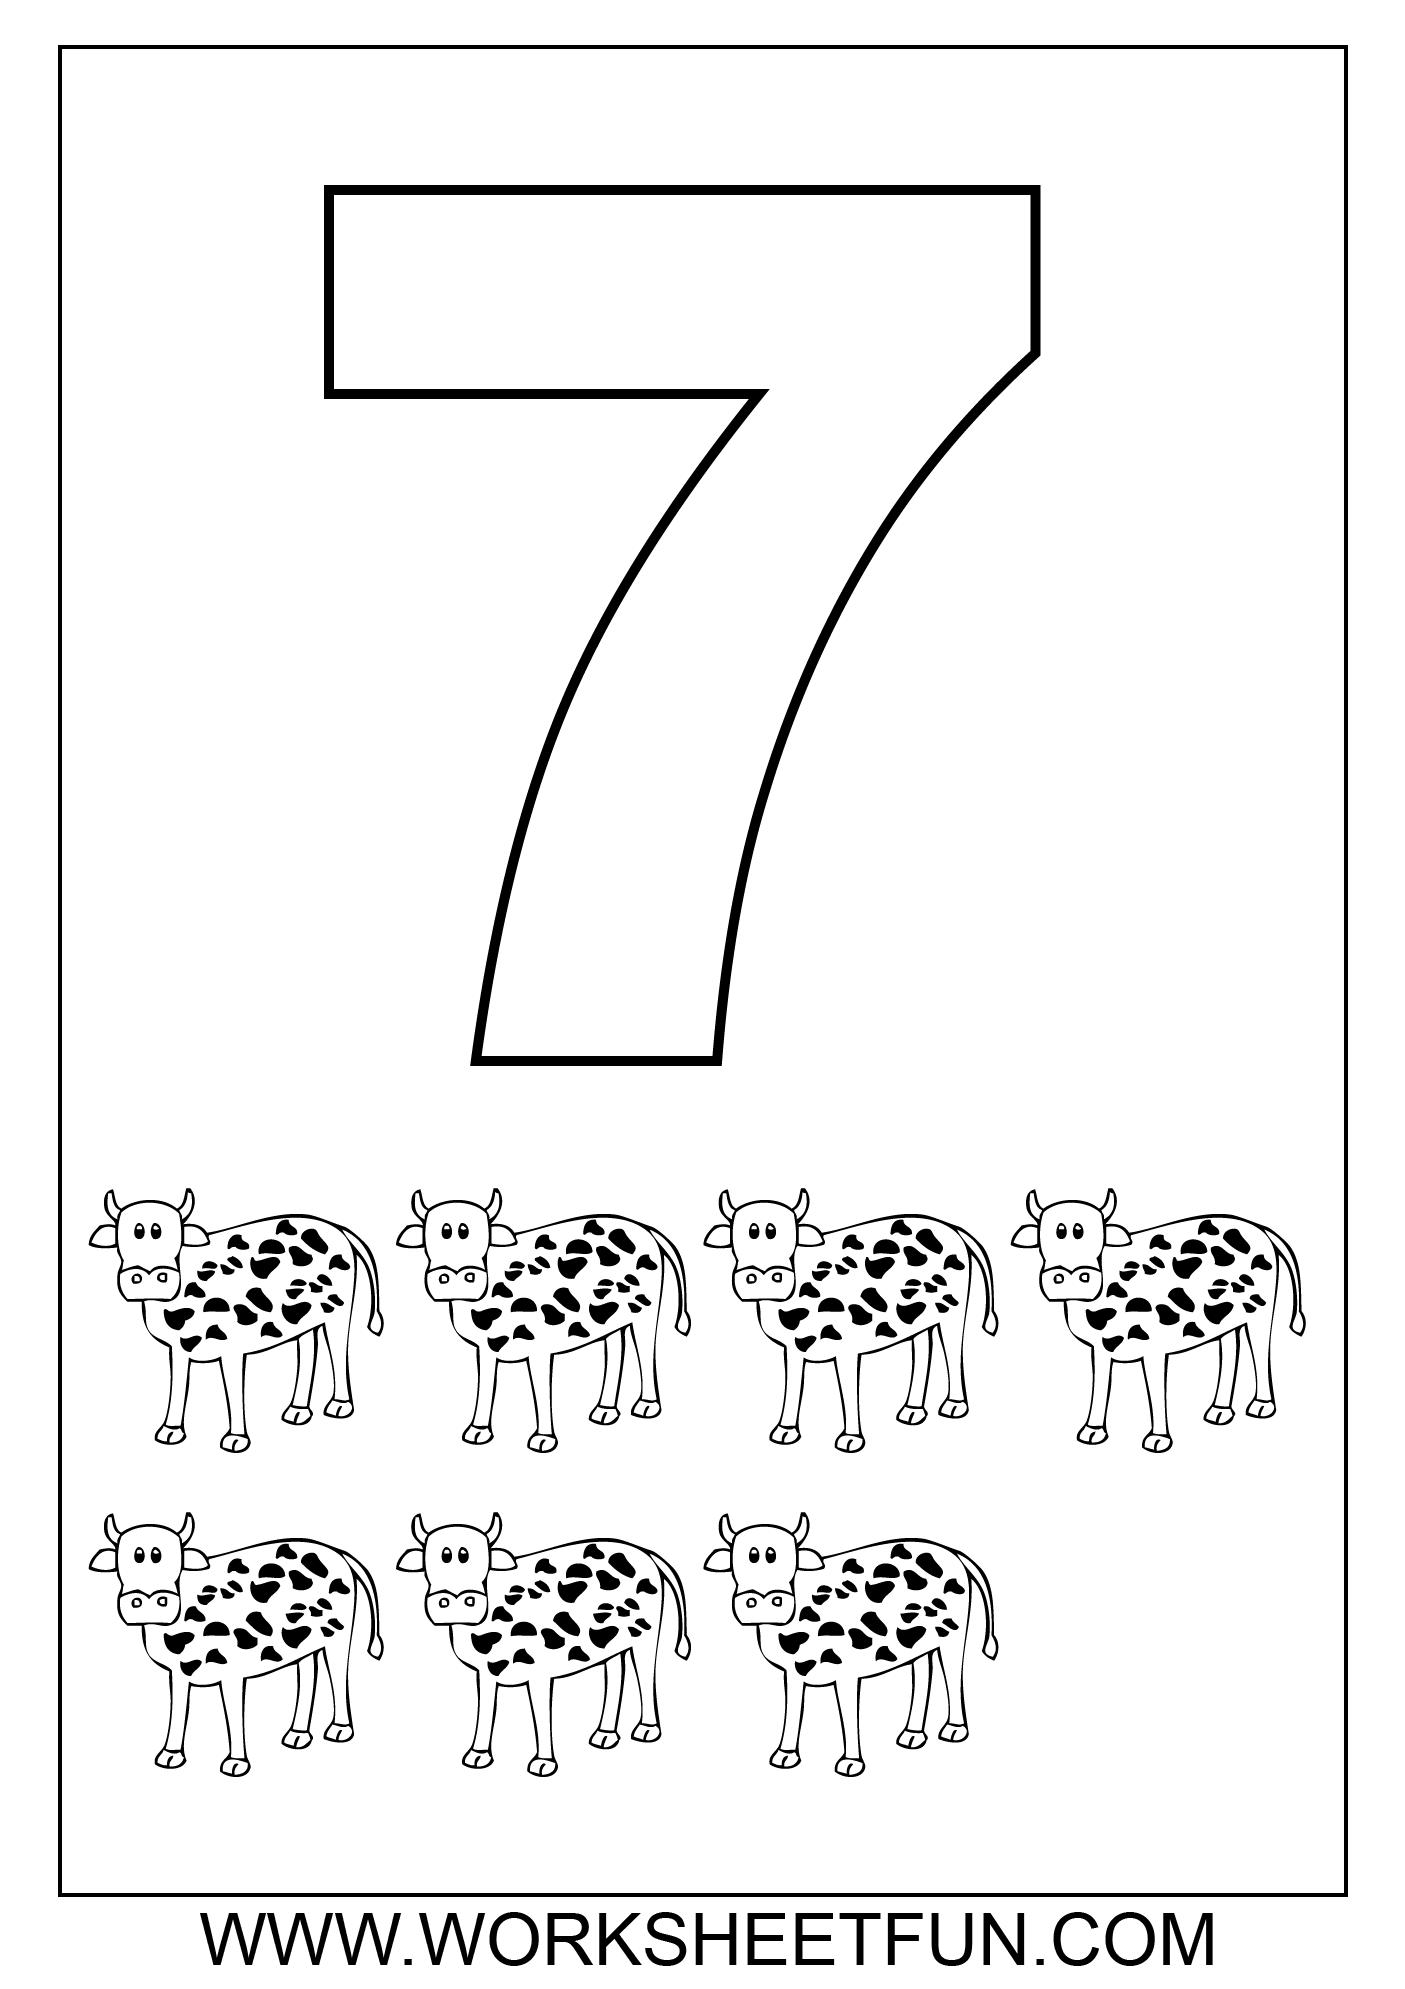 16 Best Images of Numbers 1-50 Worksheets - Kindergarten ...